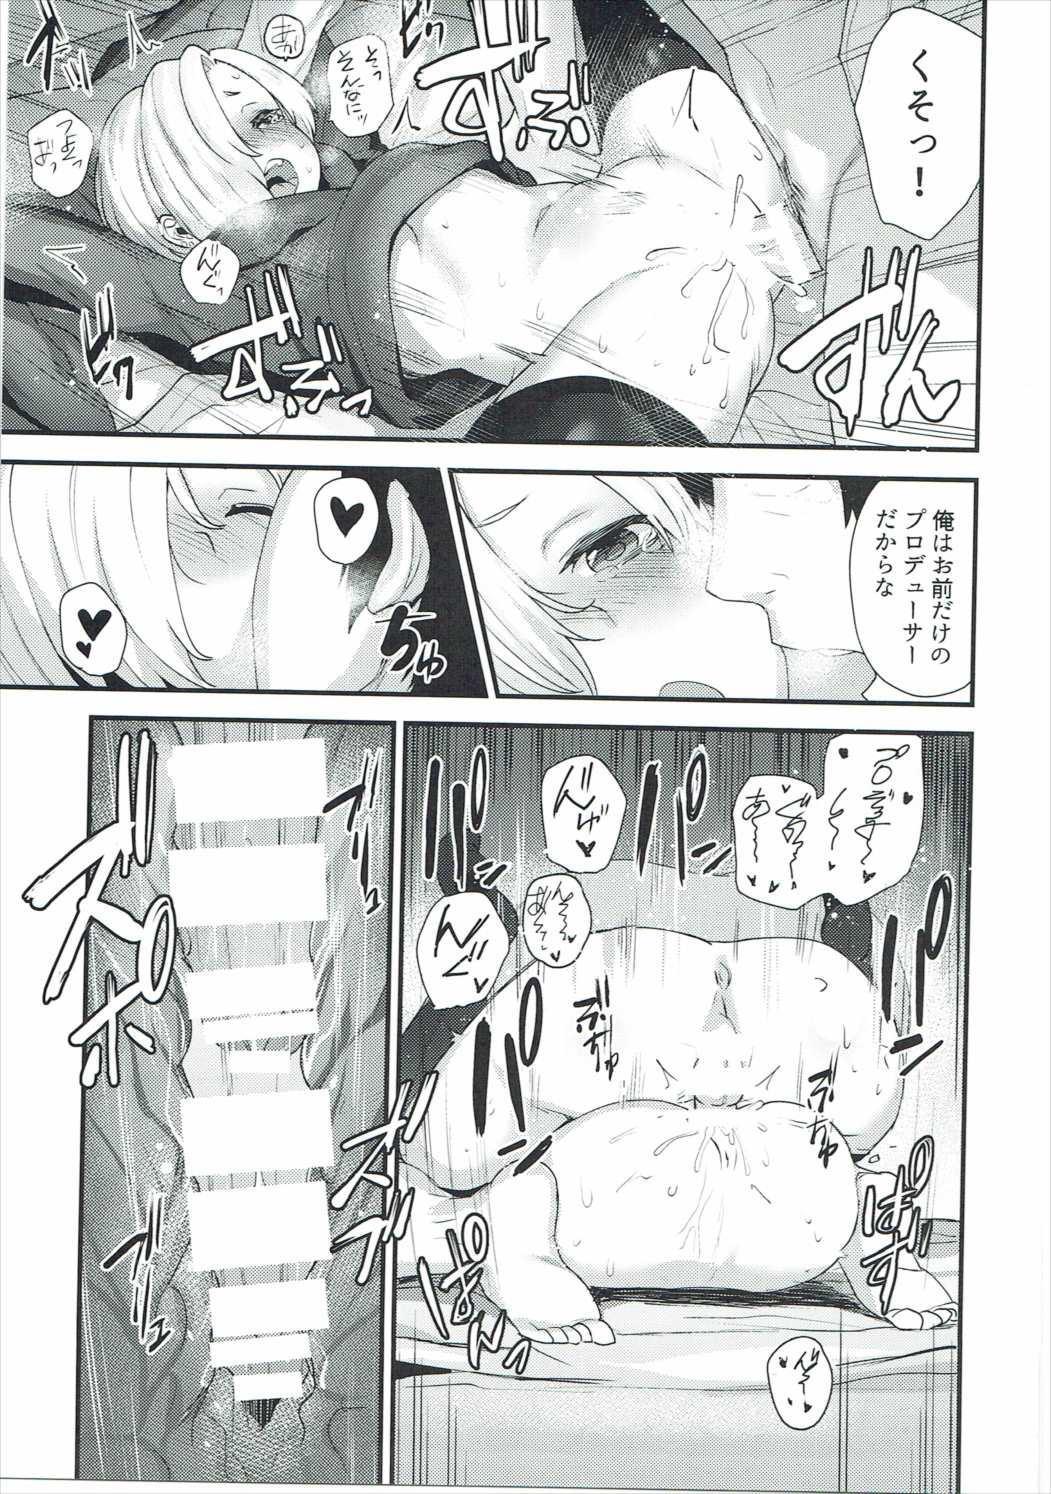 【モバマス エロ漫画・エロ同人】ロリな白坂小梅が海外に行ってしばらく会えなくなるから入念にエッチしますたwロリマンを舐めまくり連続中出しセックスで思い出を刻むwww (22)